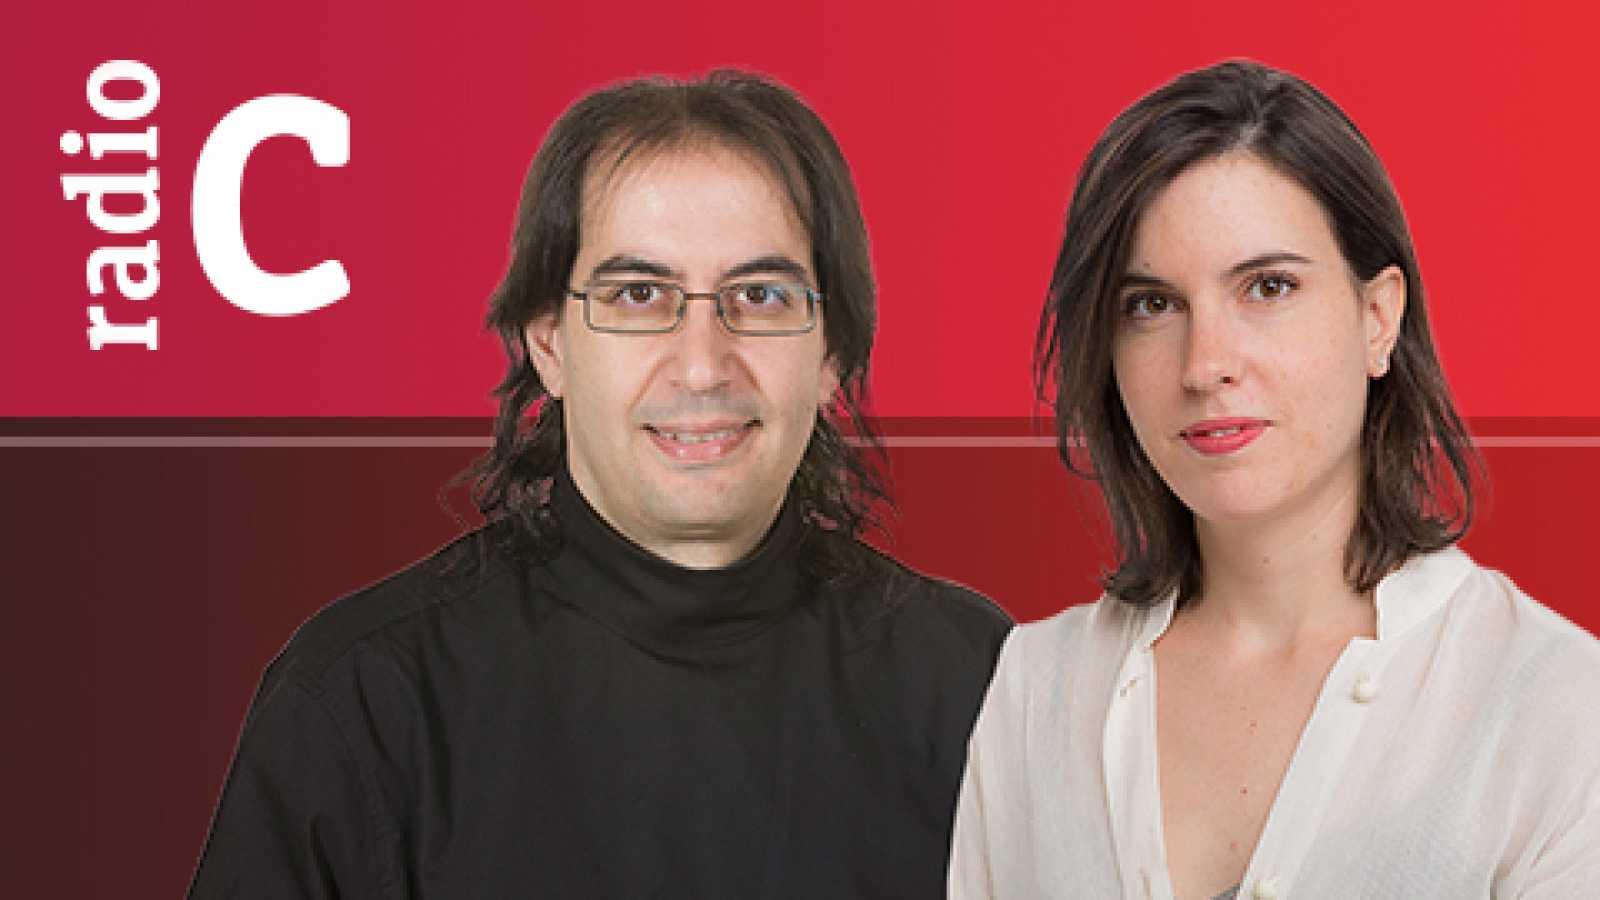 La tertulia de Radio Clásica - Encuentro de religiones - 24/12/17 - escuchar ahora